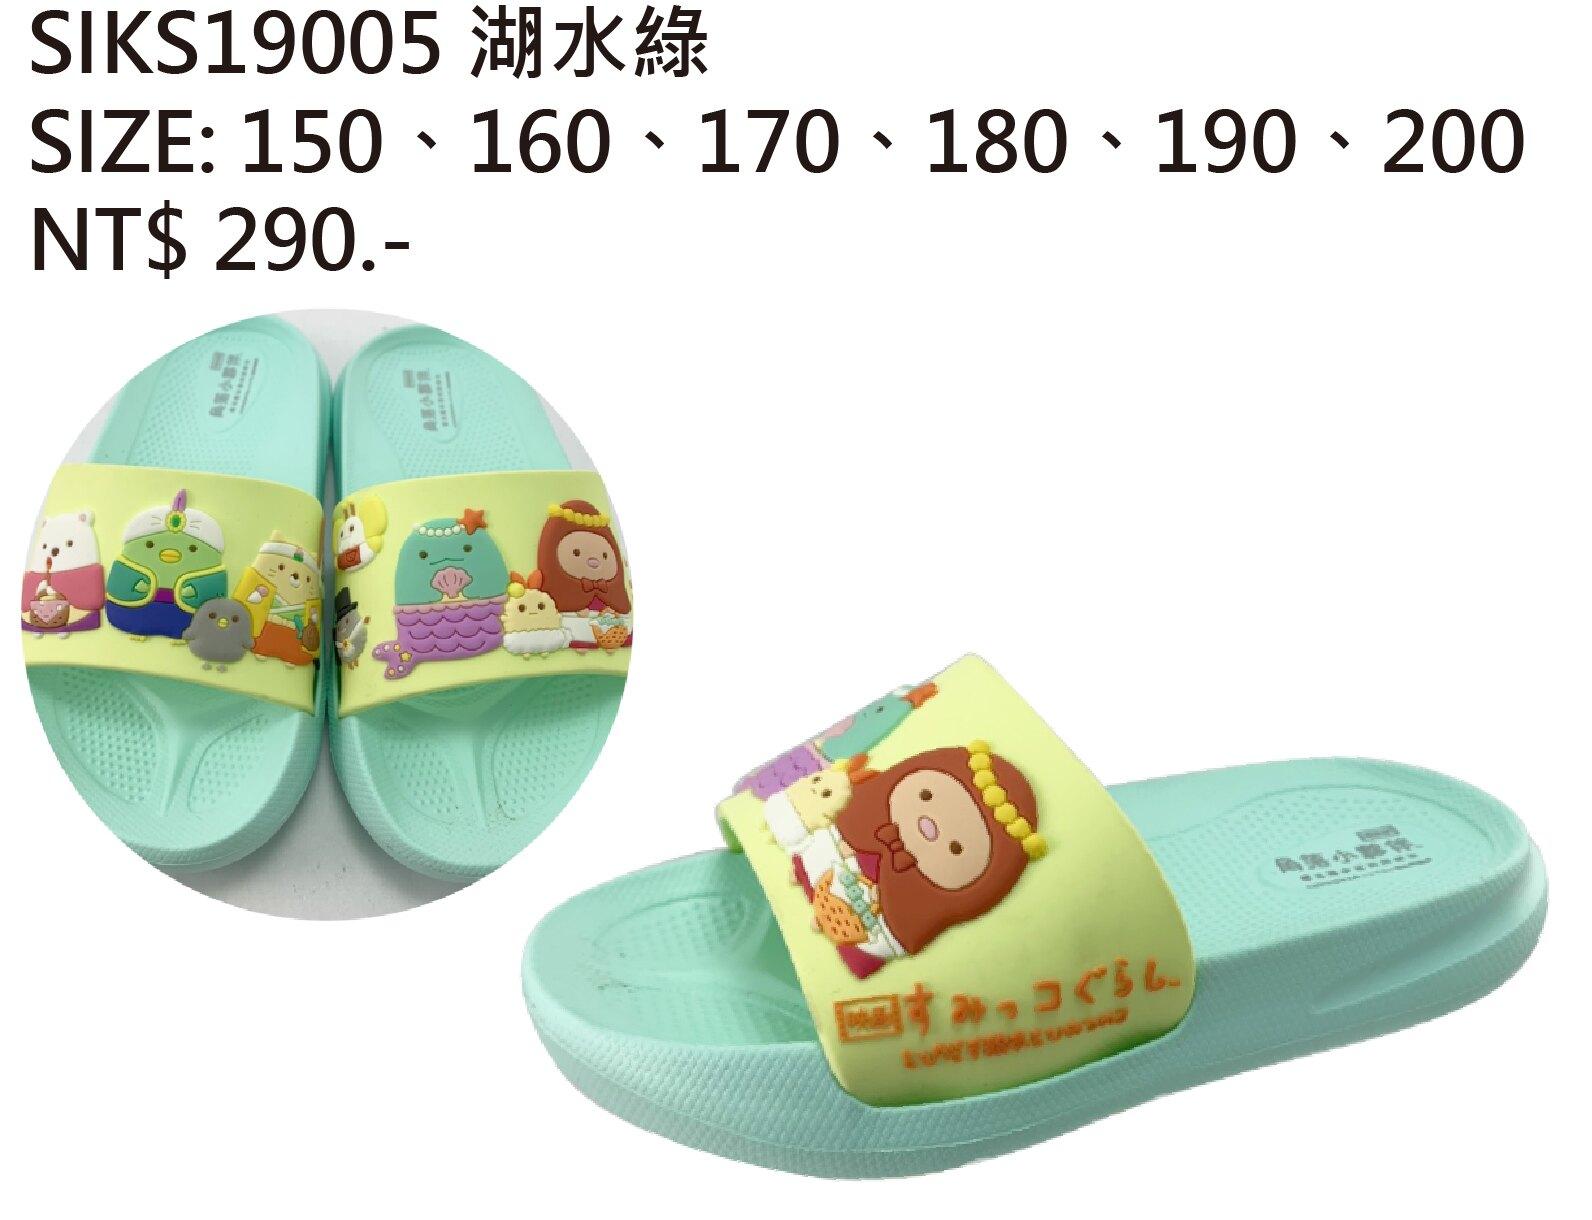 卡通拖鞋 兒童拖鞋 角落小夥伴 室內/室外防水拖鞋 2色 SIKS19003